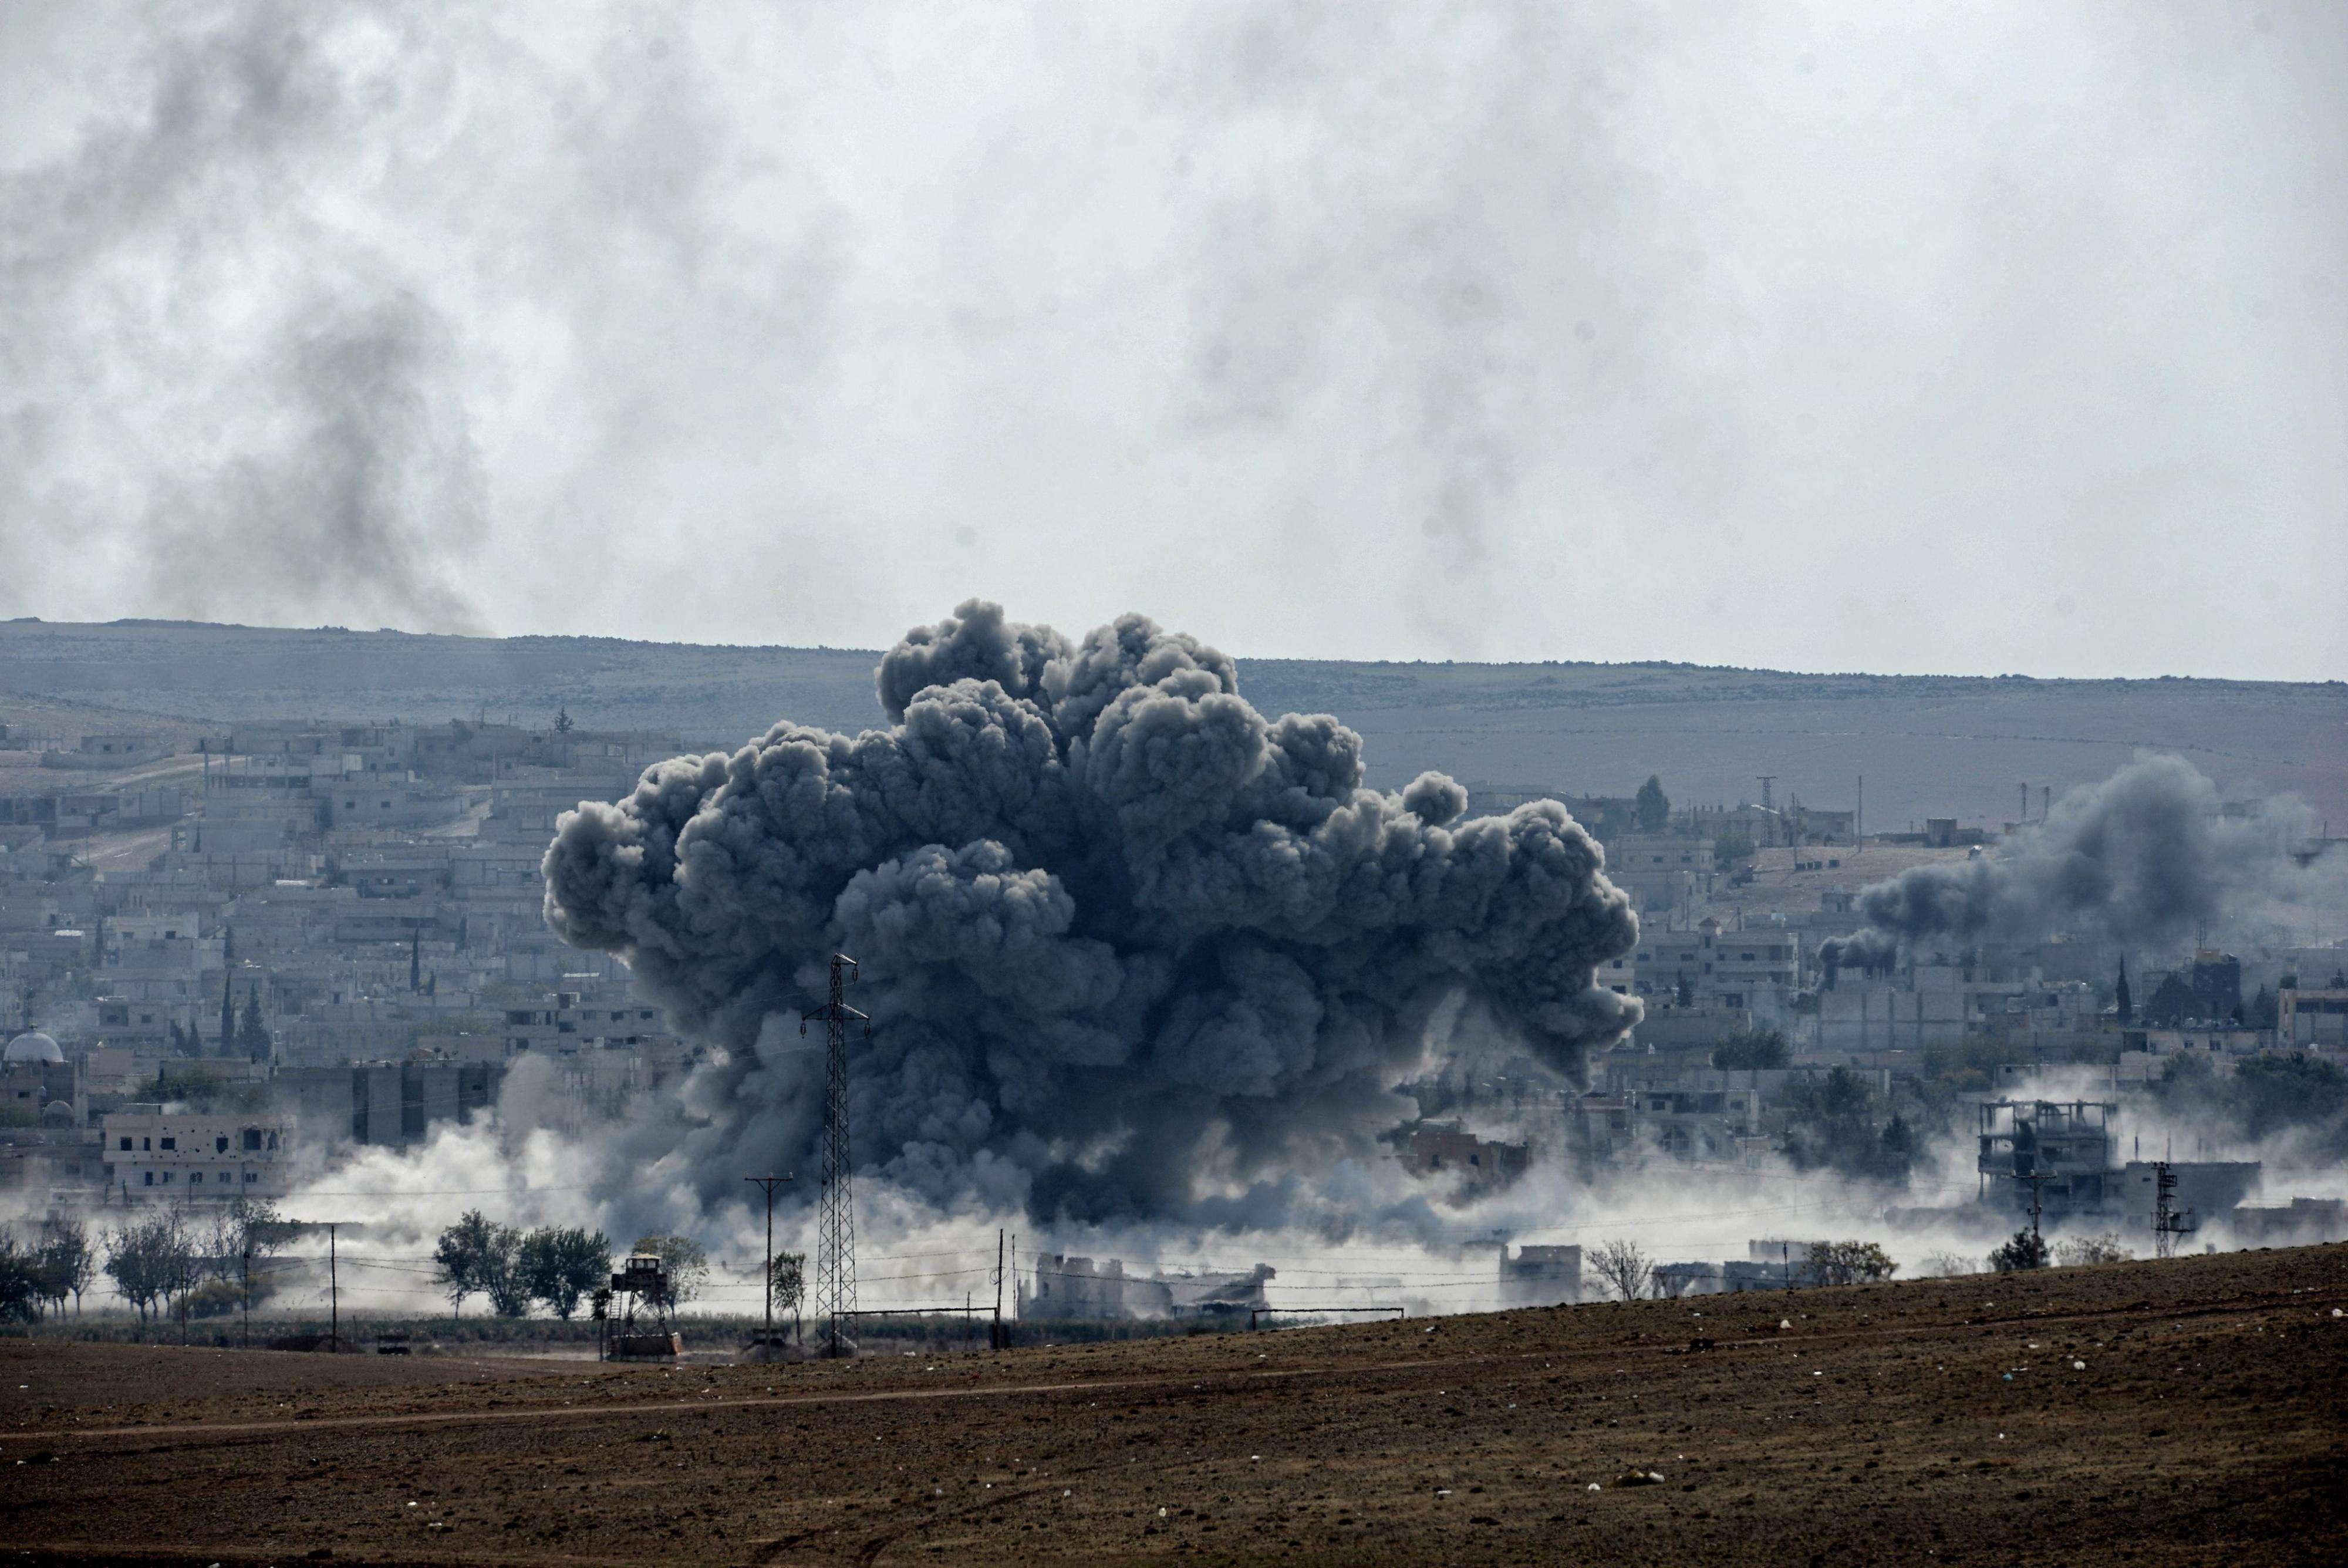 Vista de una explosión en Kobani (Siria) tomada desde Turquía el pasado martes. Foto: EFE en español